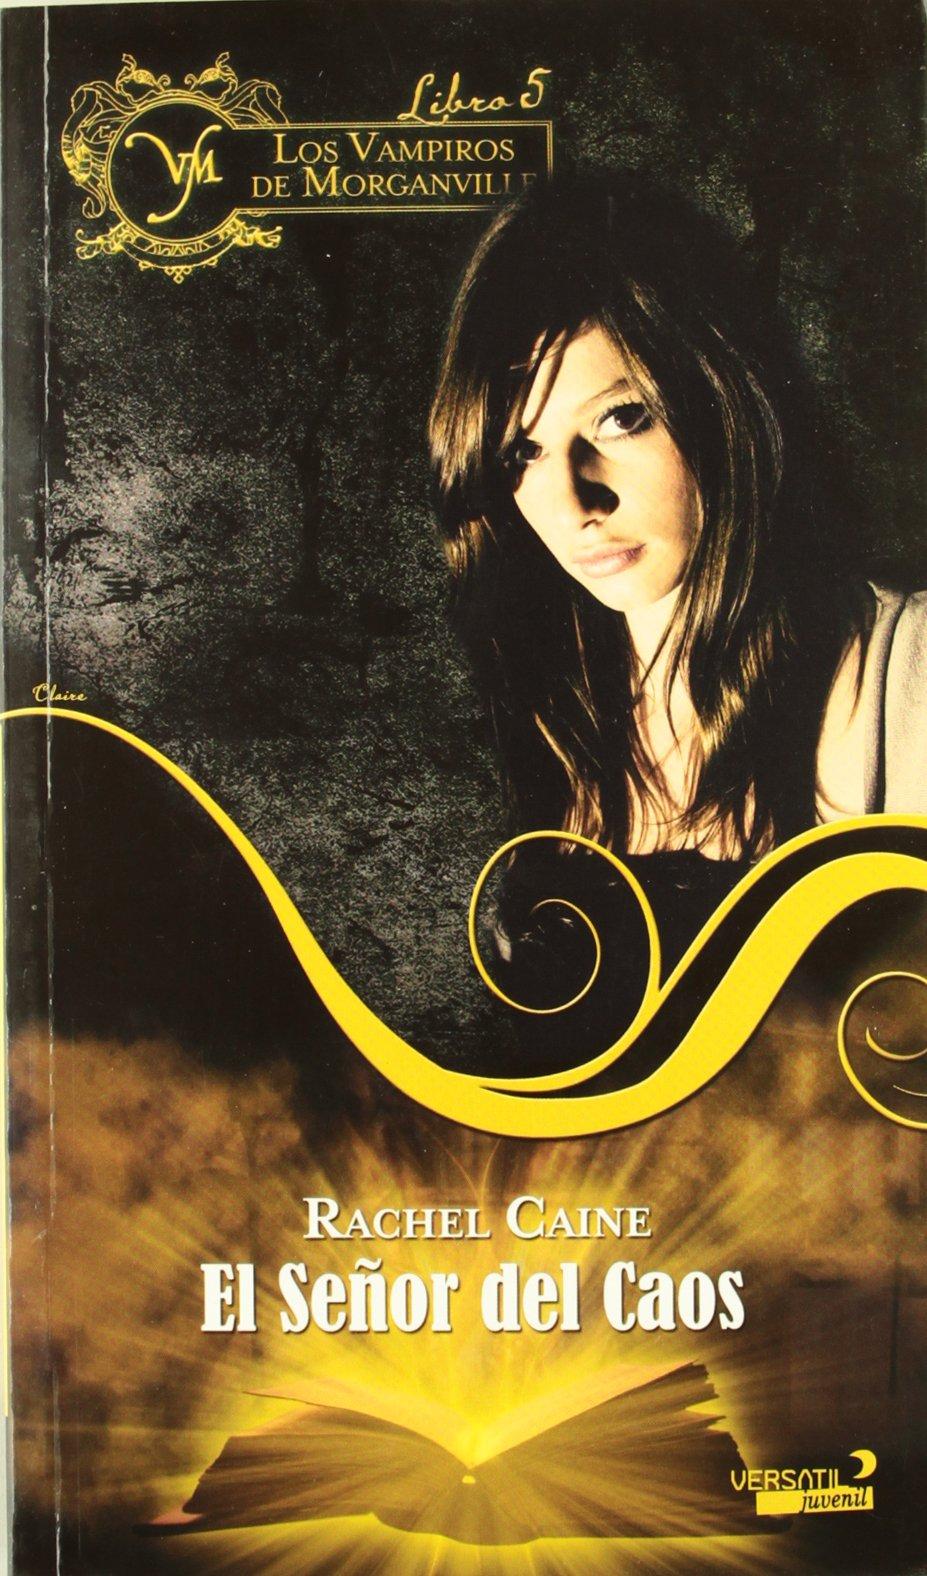 Los Vampiros de Morganville: Vampiros De Morganville 5, Los - Fantasia Juvenil Versatil: Amazon.es: Rachel Caine, Patricia Sánchez Maneiro: Libros